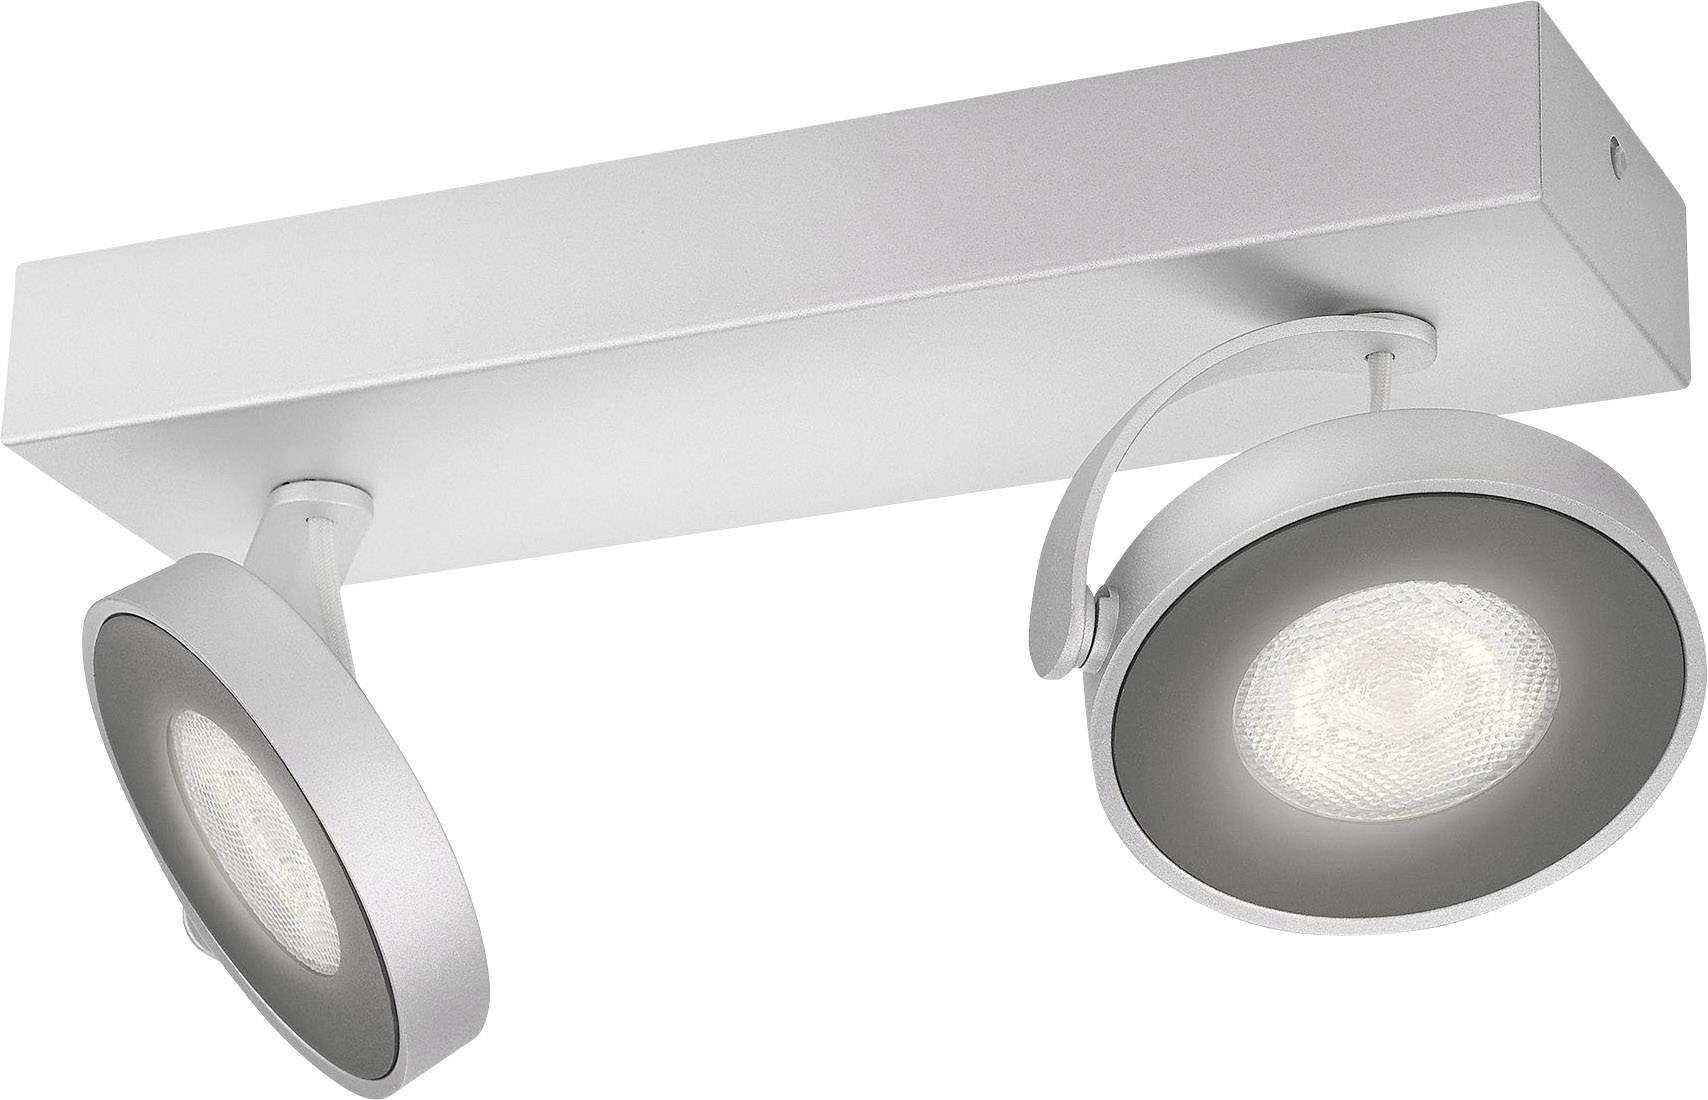 Faretti Led Da Soffitto : Faretto led da soffitto w bianco caldo philips lighting